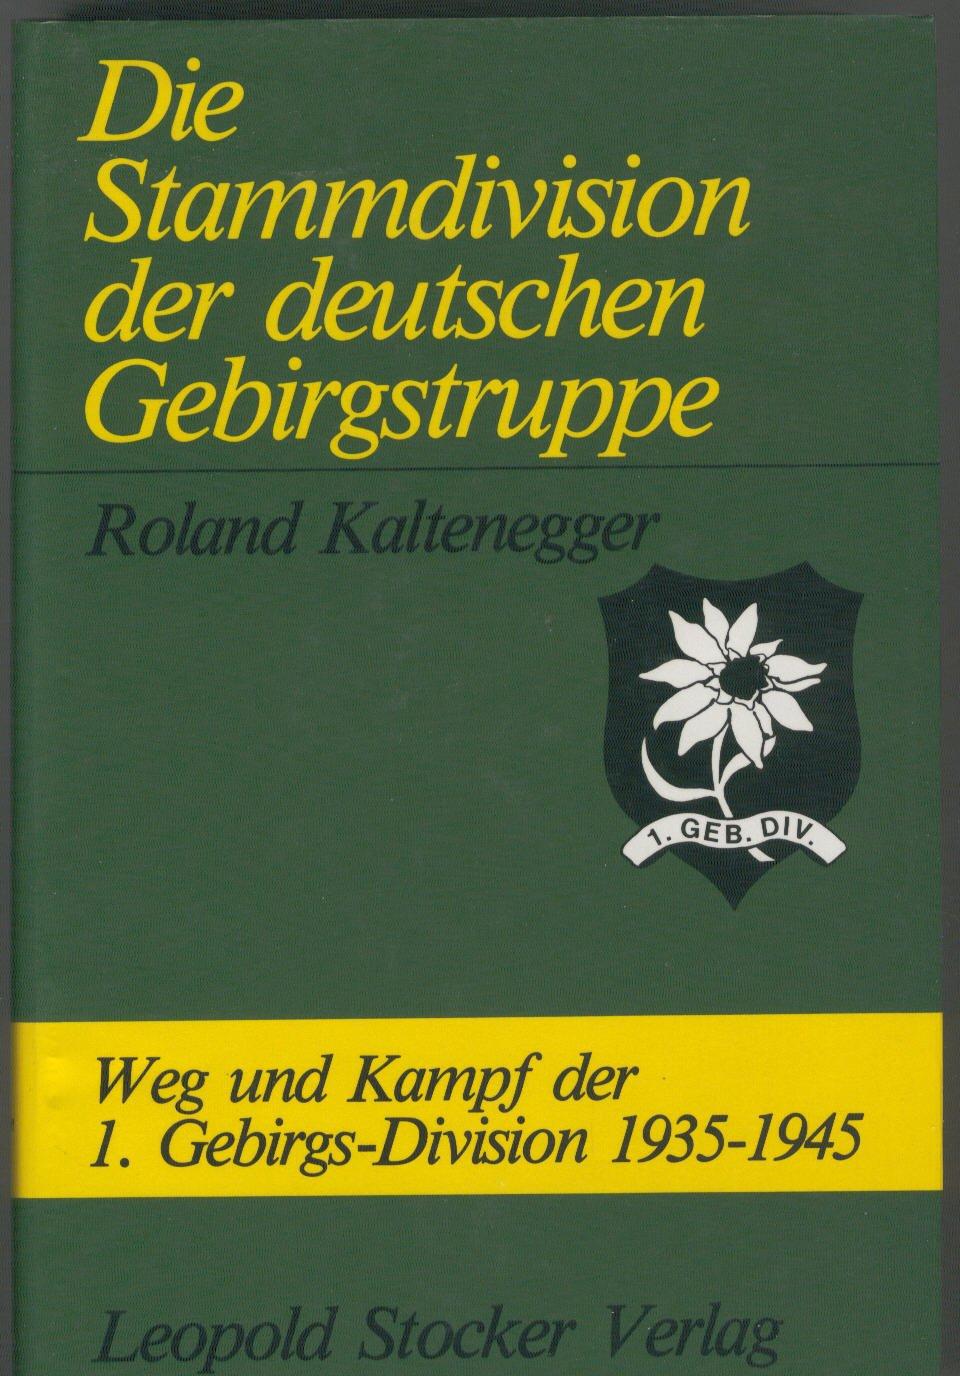 Die Stammdivision der deutschen Gebirgstruppe. Weg und Kampf der 1. Gebirgs-Division 1935 - 1945